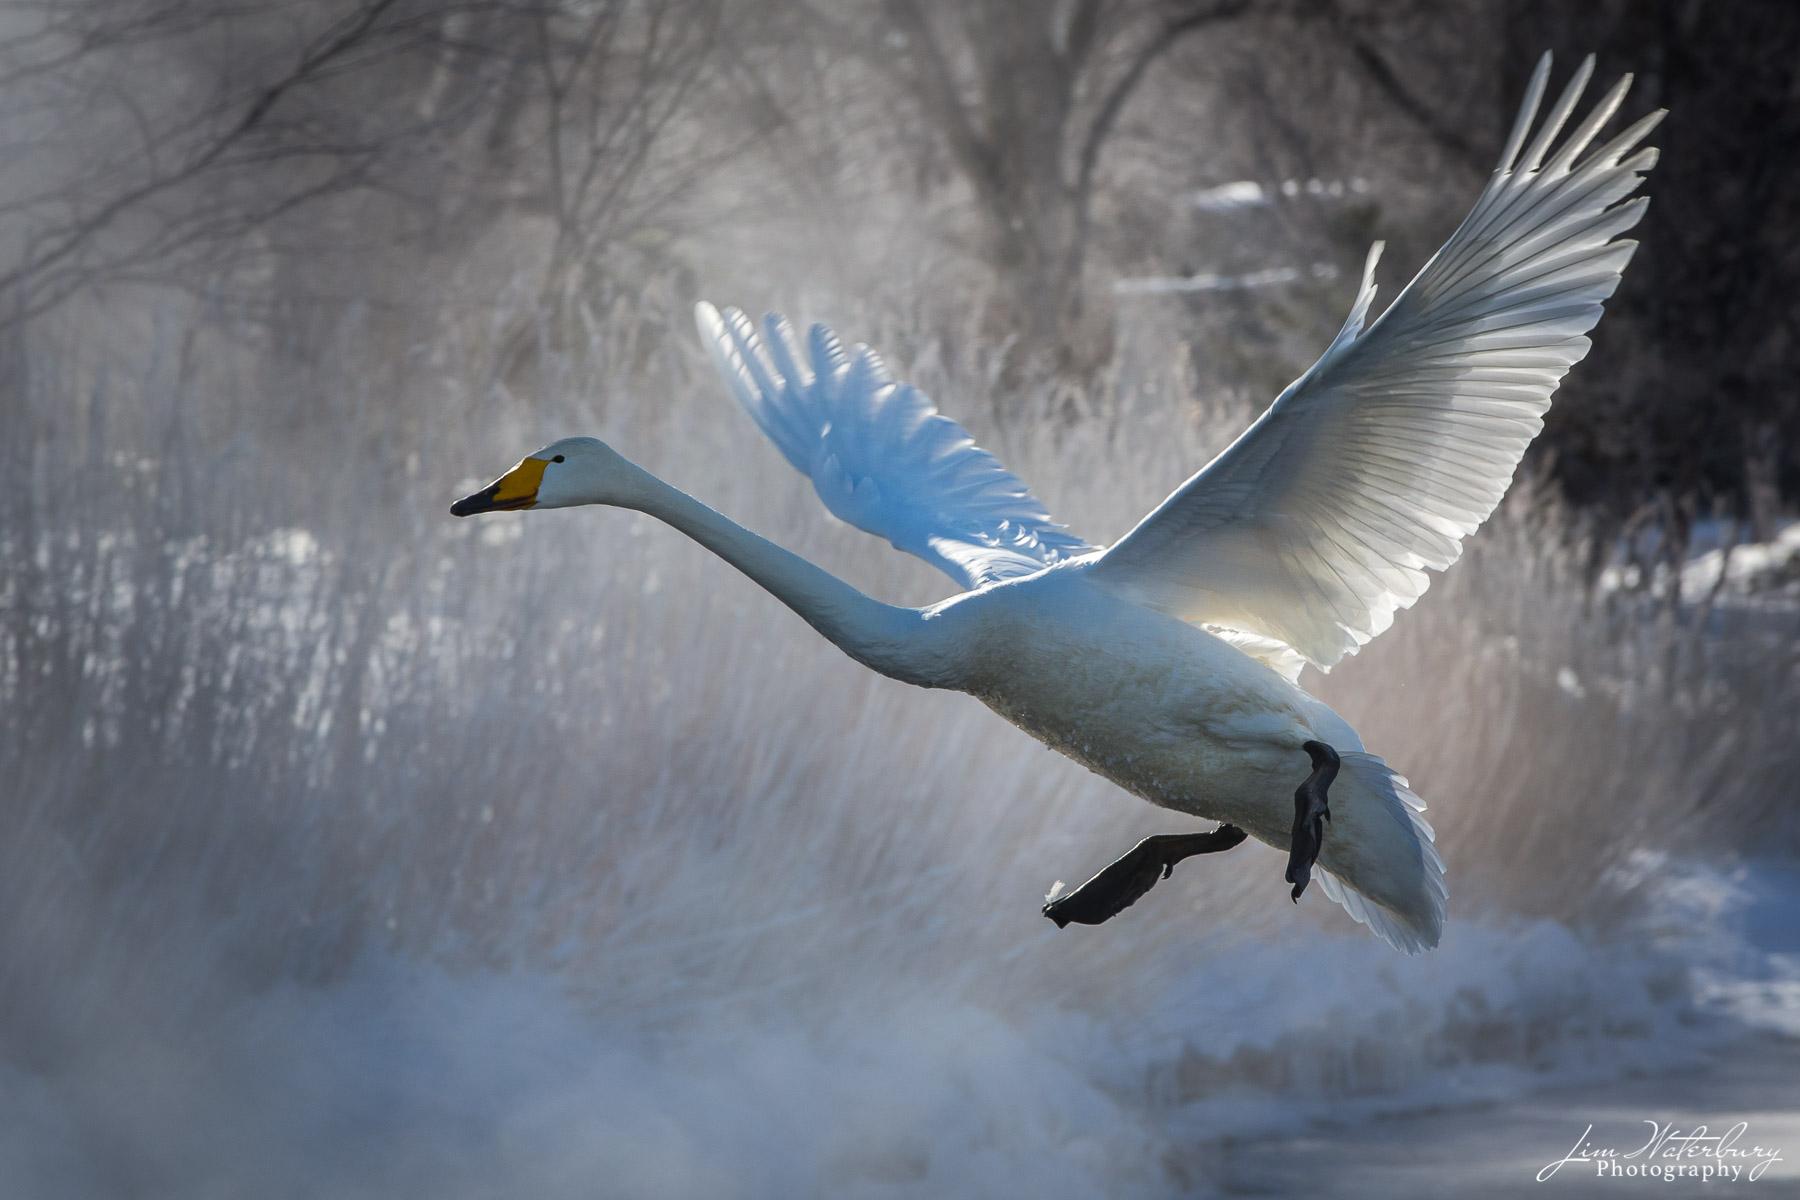 Whooper swan, with wings spread,  landing on Lake Kussharo, Hokkaido, Japan.